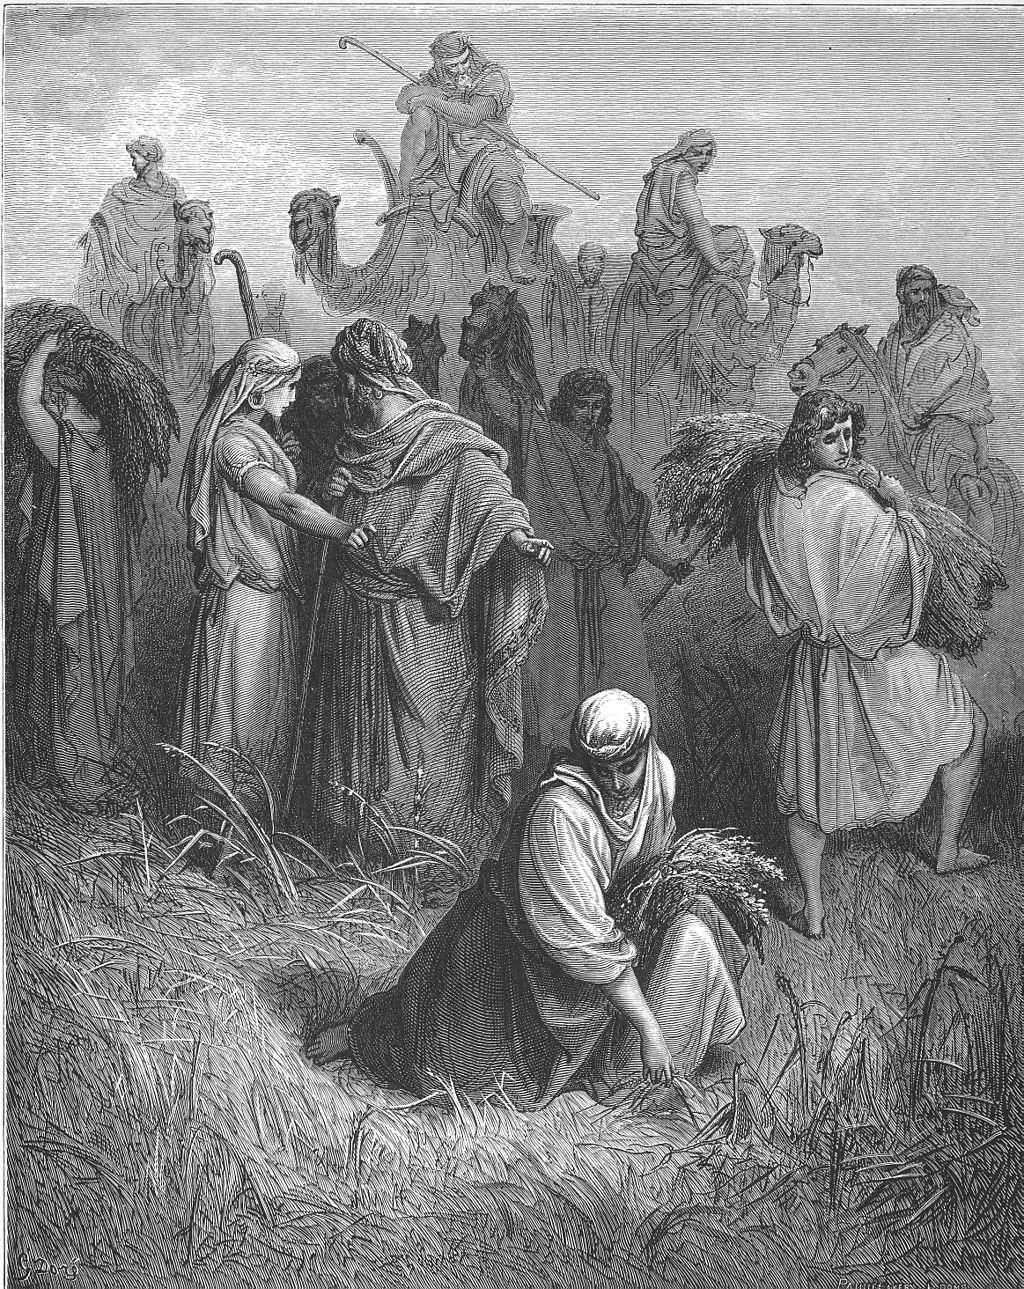 보아스와 룻 (귀스타브 도레, Gustave Doré, 1866년)